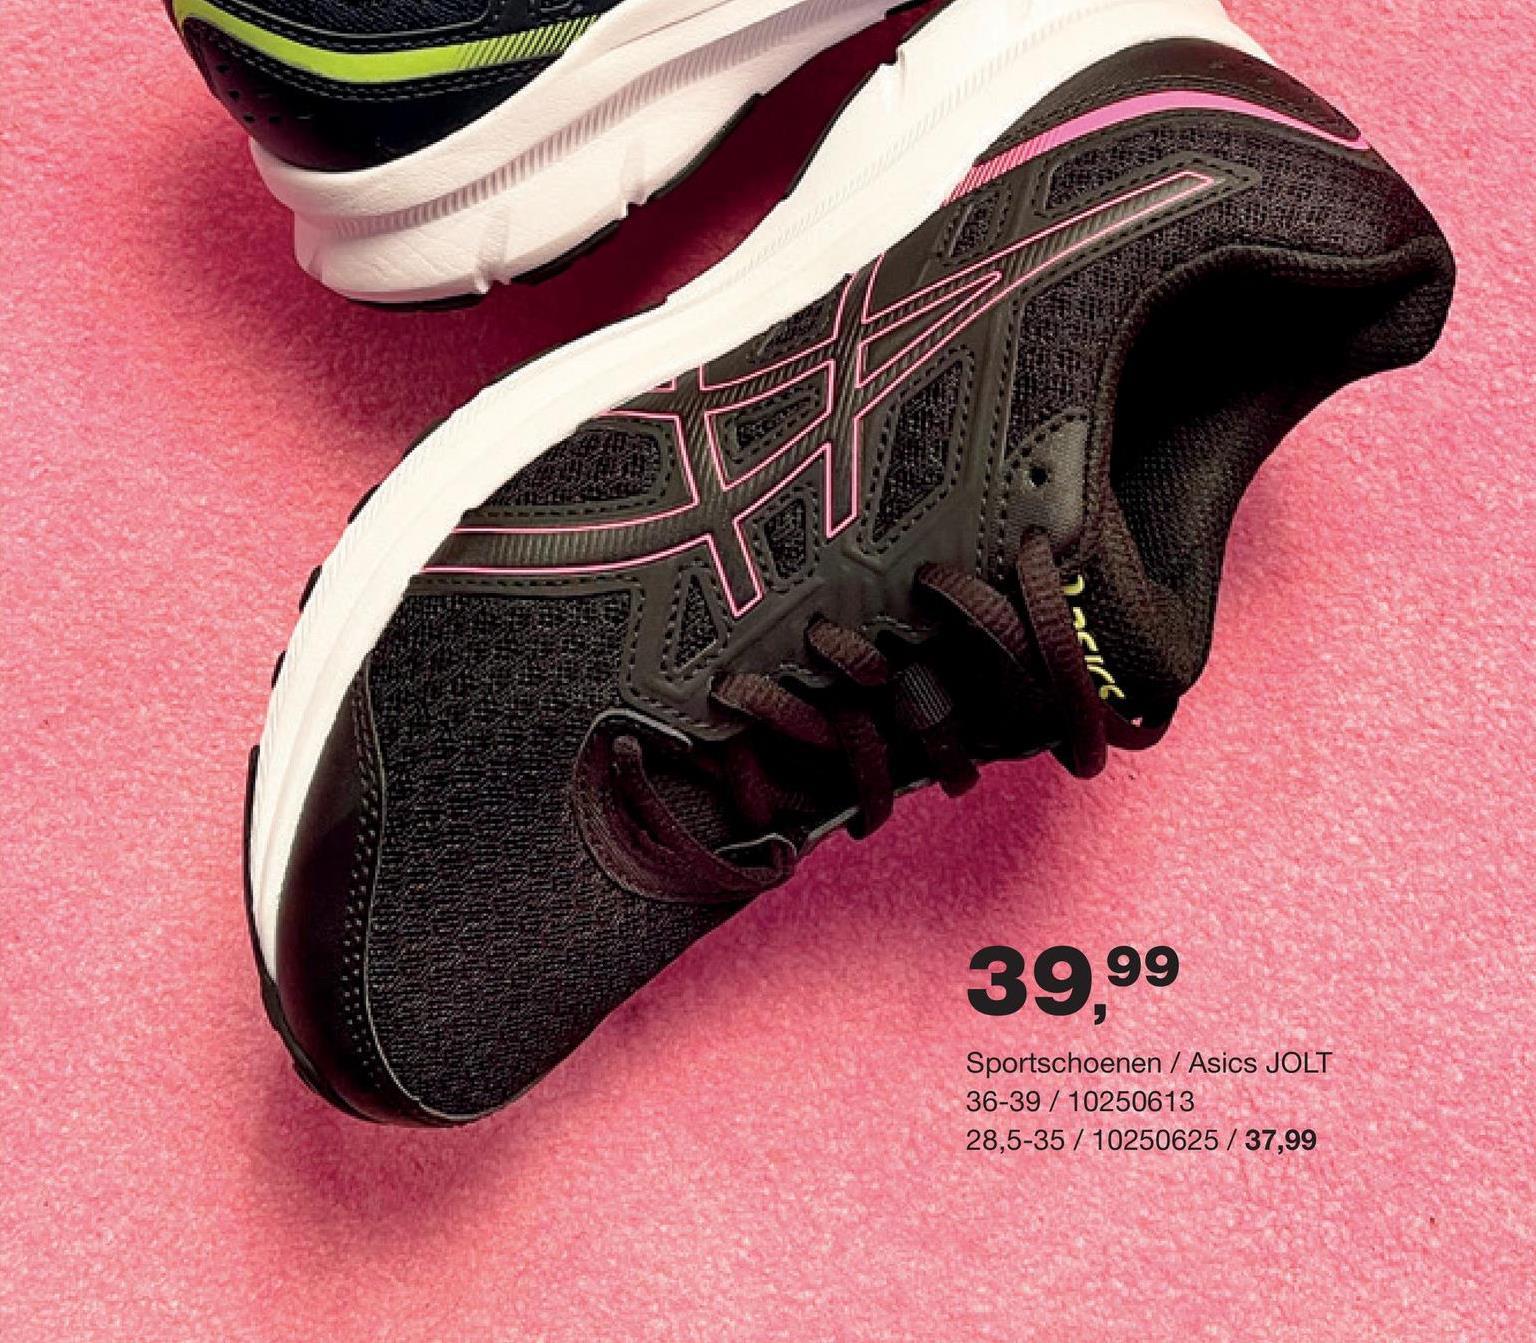 Loopschoen Jolt 3 GS Asics - Zwart - maat 36 - Meisjes   - Goedkope Sportschoenen - Running - Textiel Kwalitatieve en comfortabele loopschoen met veters van het merk Asics voor meisjes. Met geribbelde schoenzool voor extra grip.